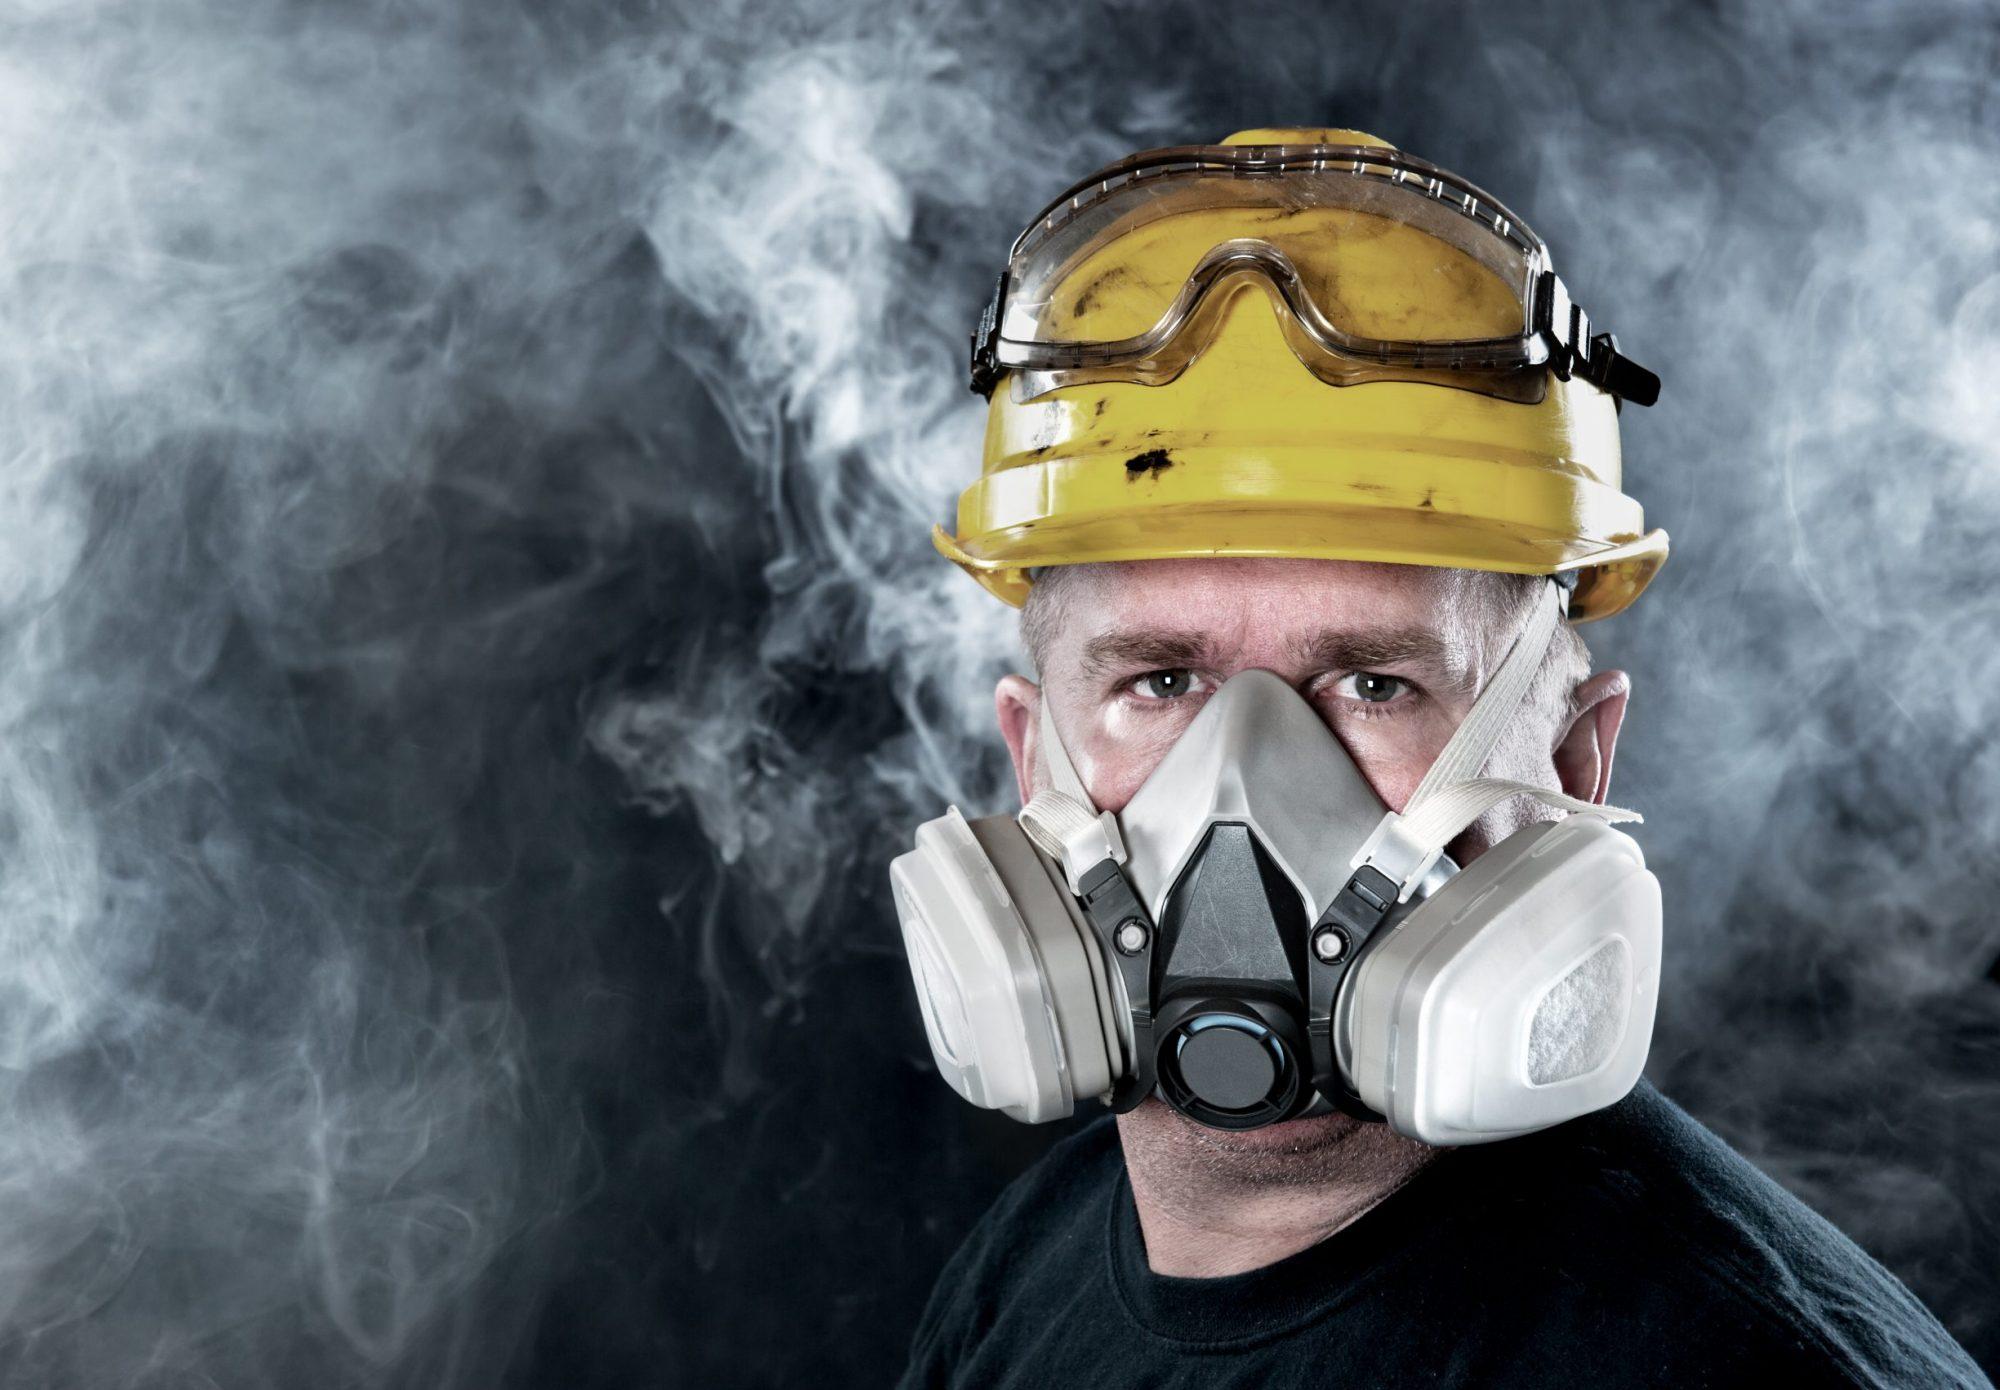 Protection respiratoire, les respirateurs réutilisables munis d'éléments filtrants interchangeables.